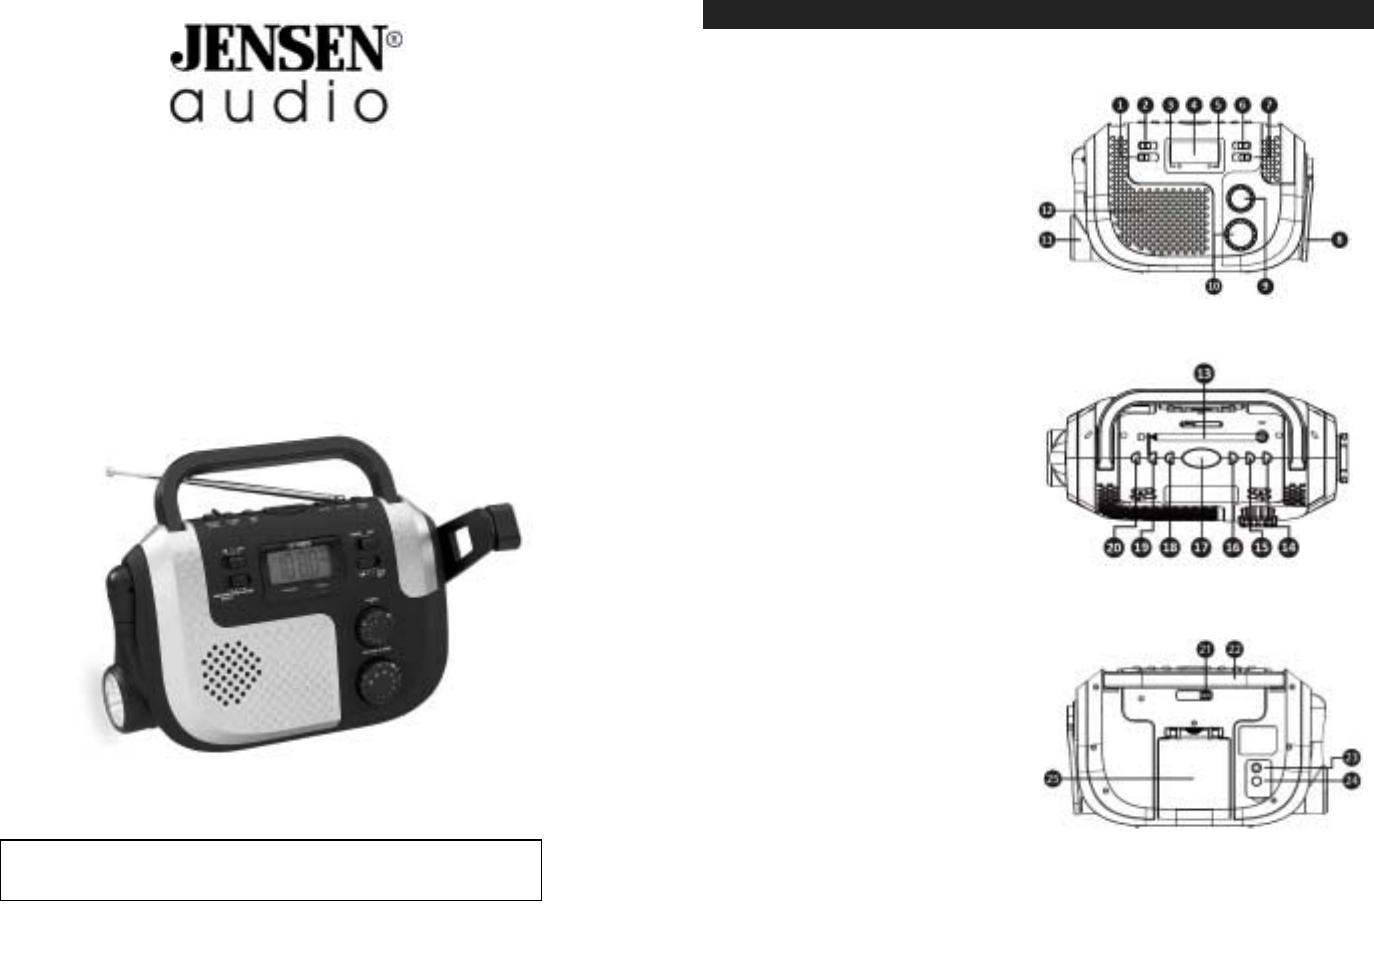 jensen clock radio mr 720 user guide. Black Bedroom Furniture Sets. Home Design Ideas